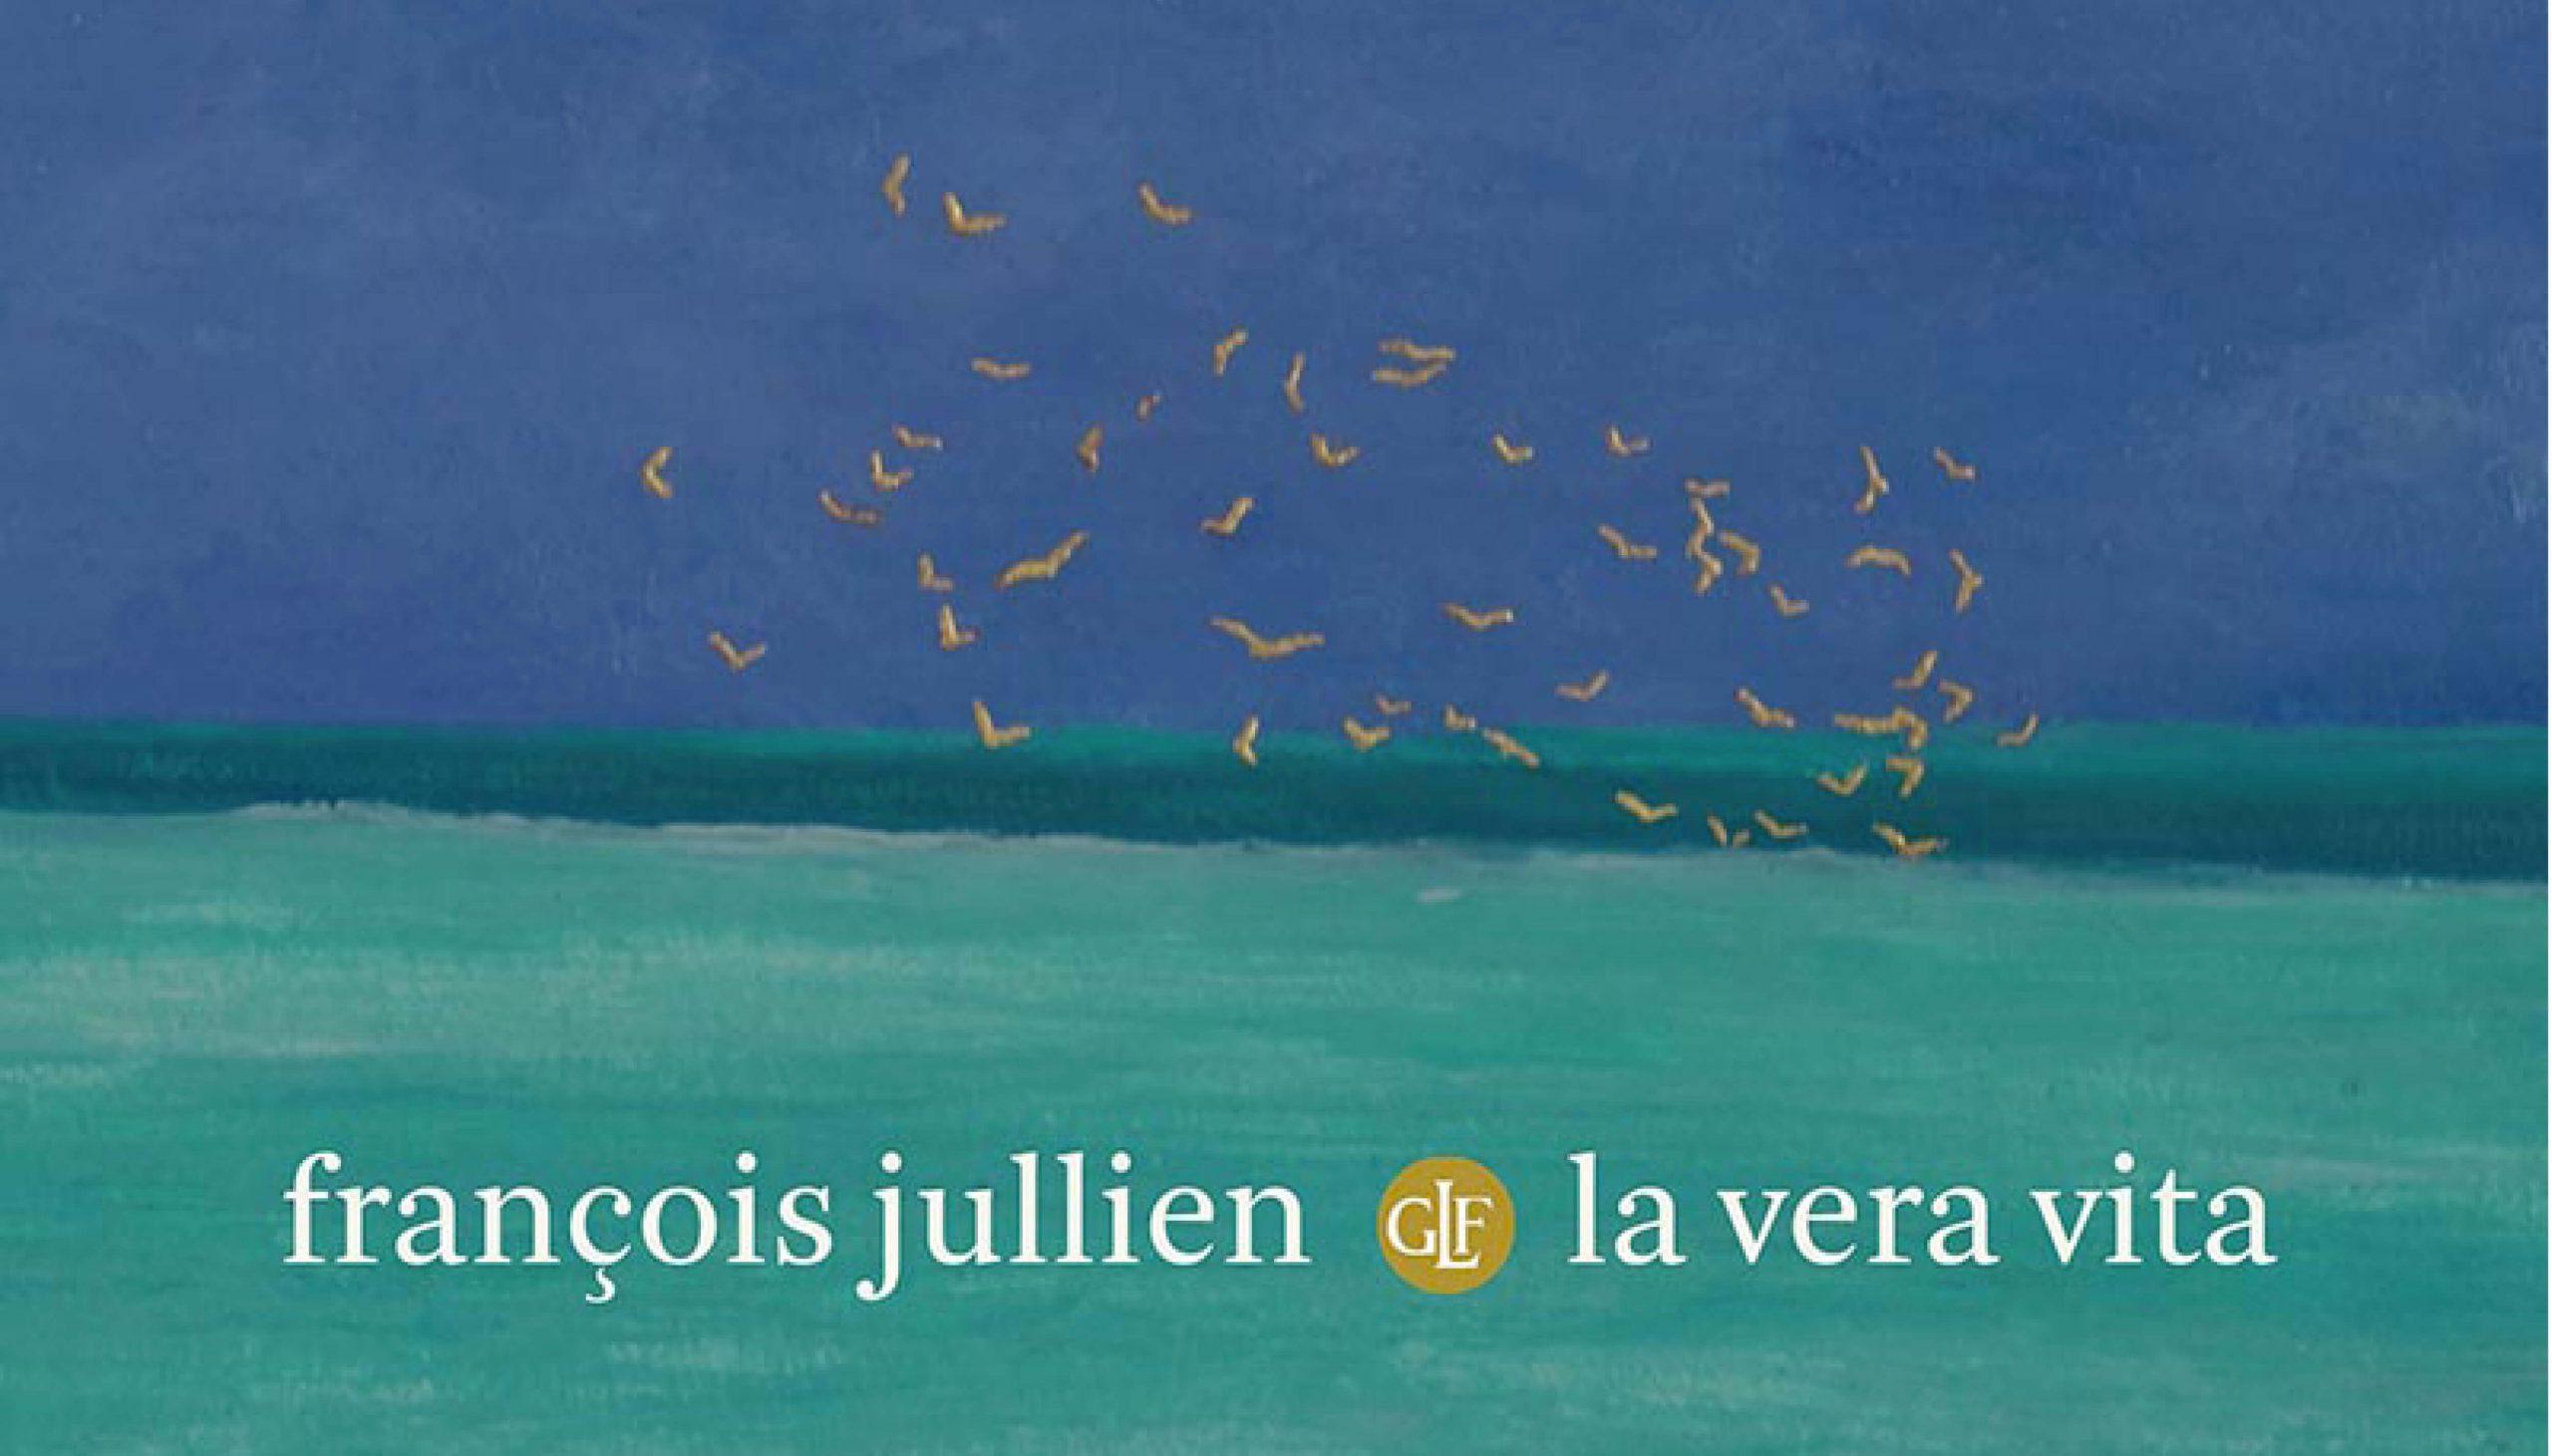 """La """"vera vita"""" secondo François Jullien"""